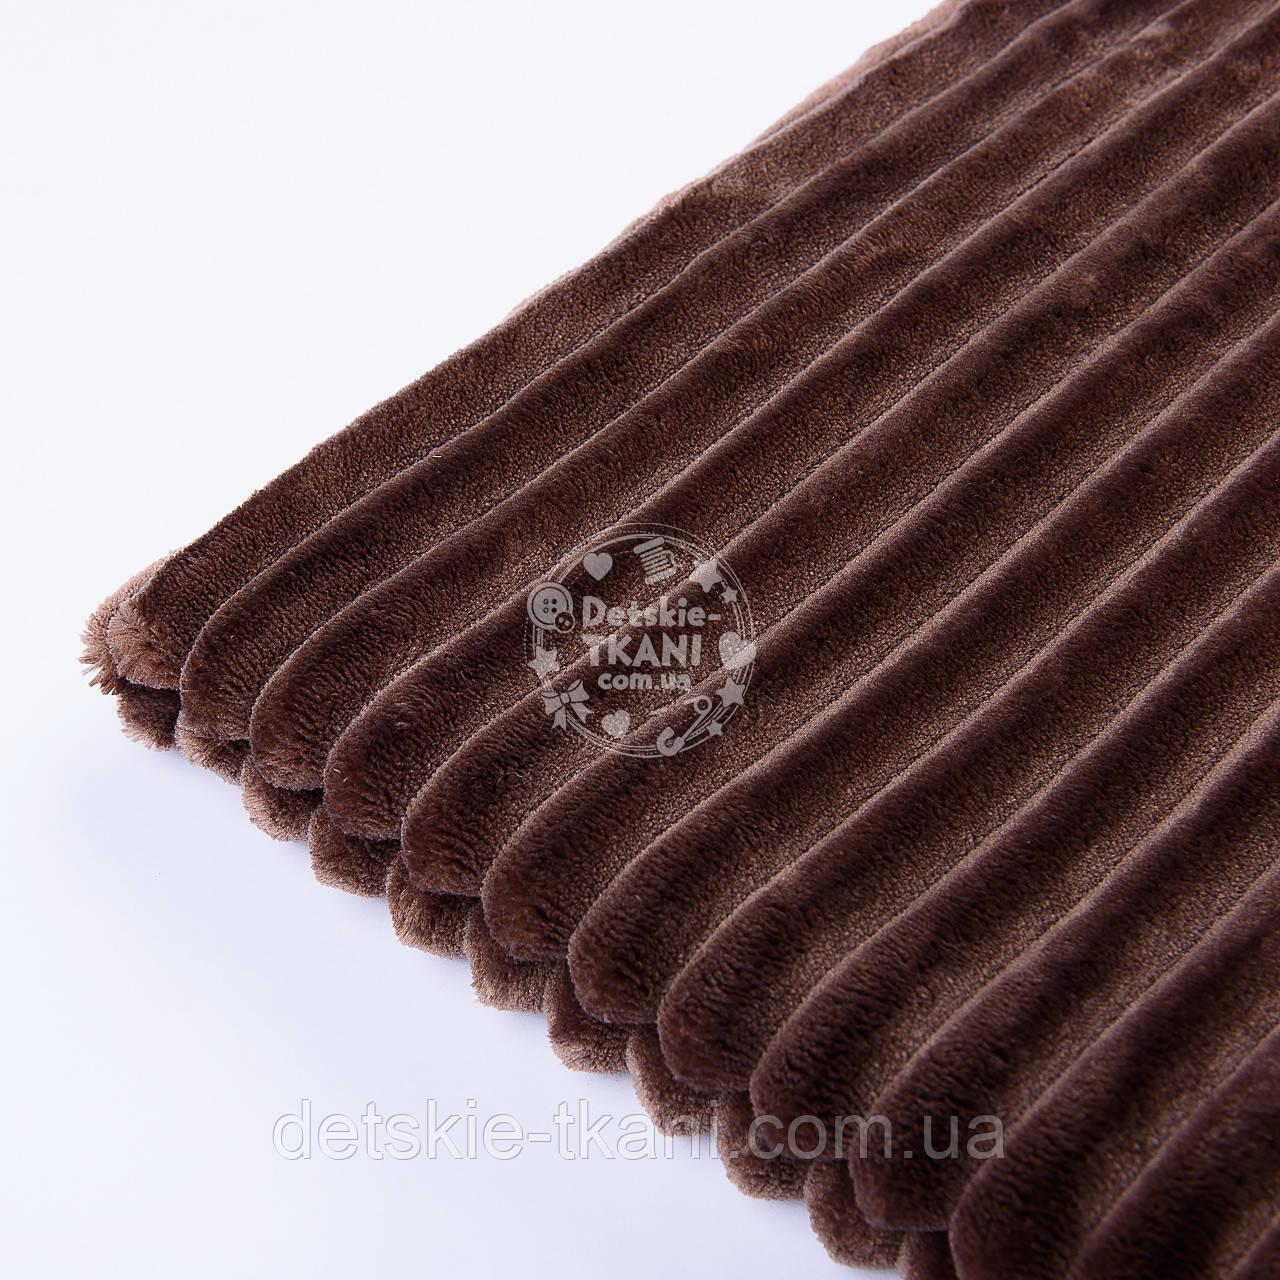 Отрез плюш в полоску Stripes, цвет шоколадный 100*80